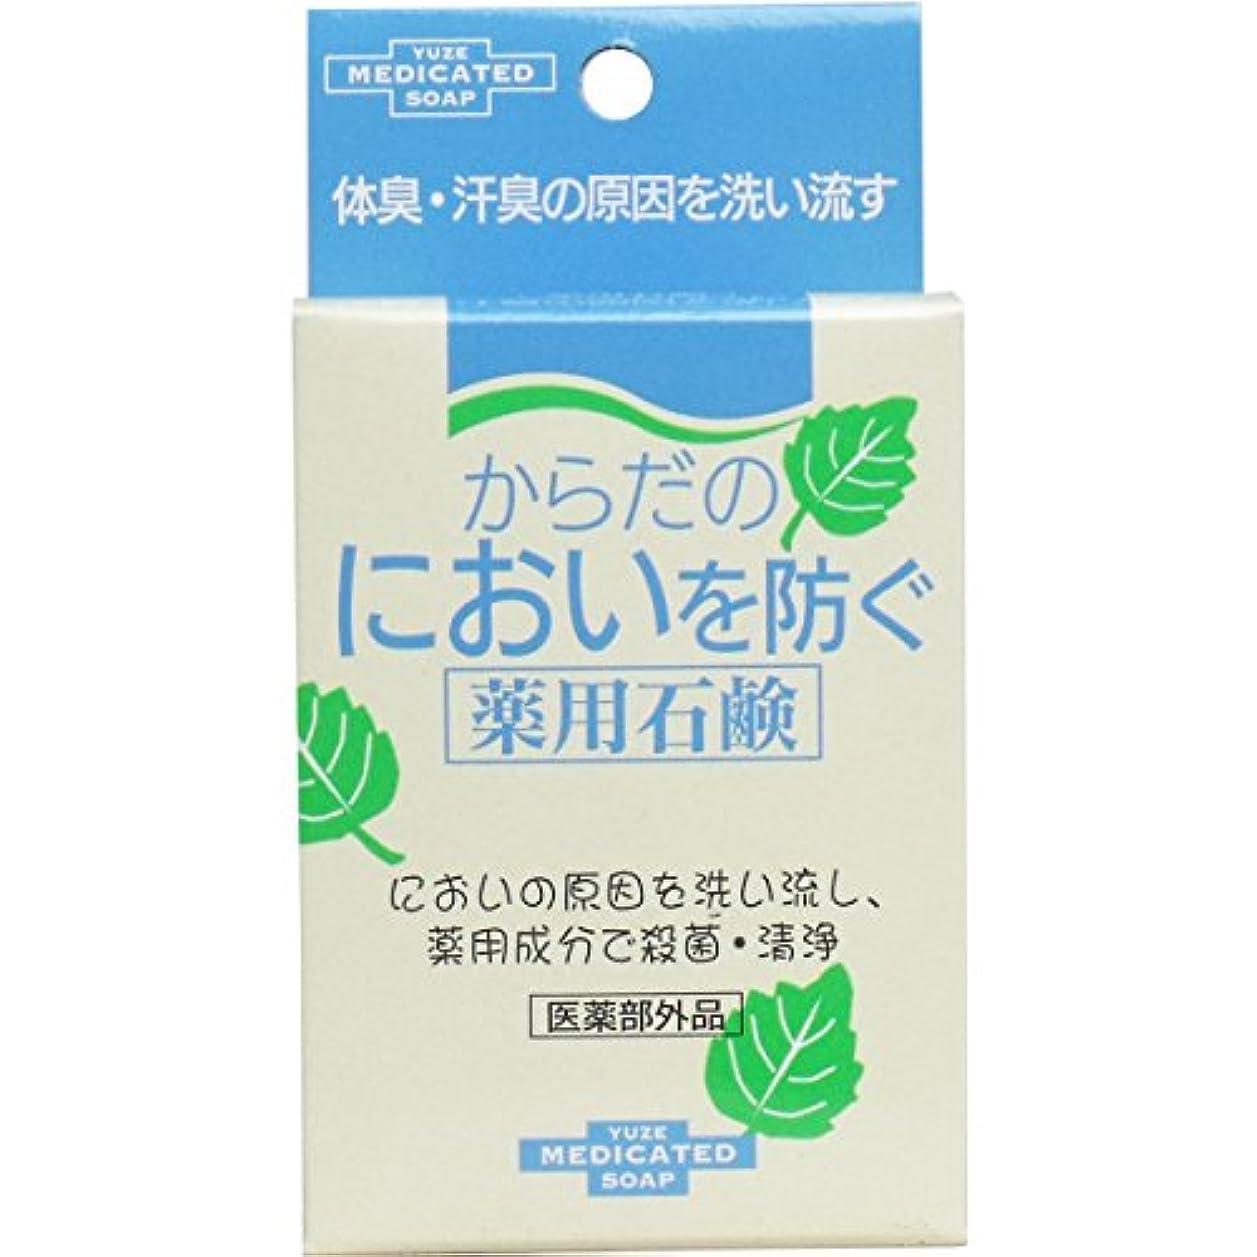 野ななんでも怪物【お徳用 3 セット】 ユゼ からだのにおいを防ぐ薬用石鹸 110g×3セット